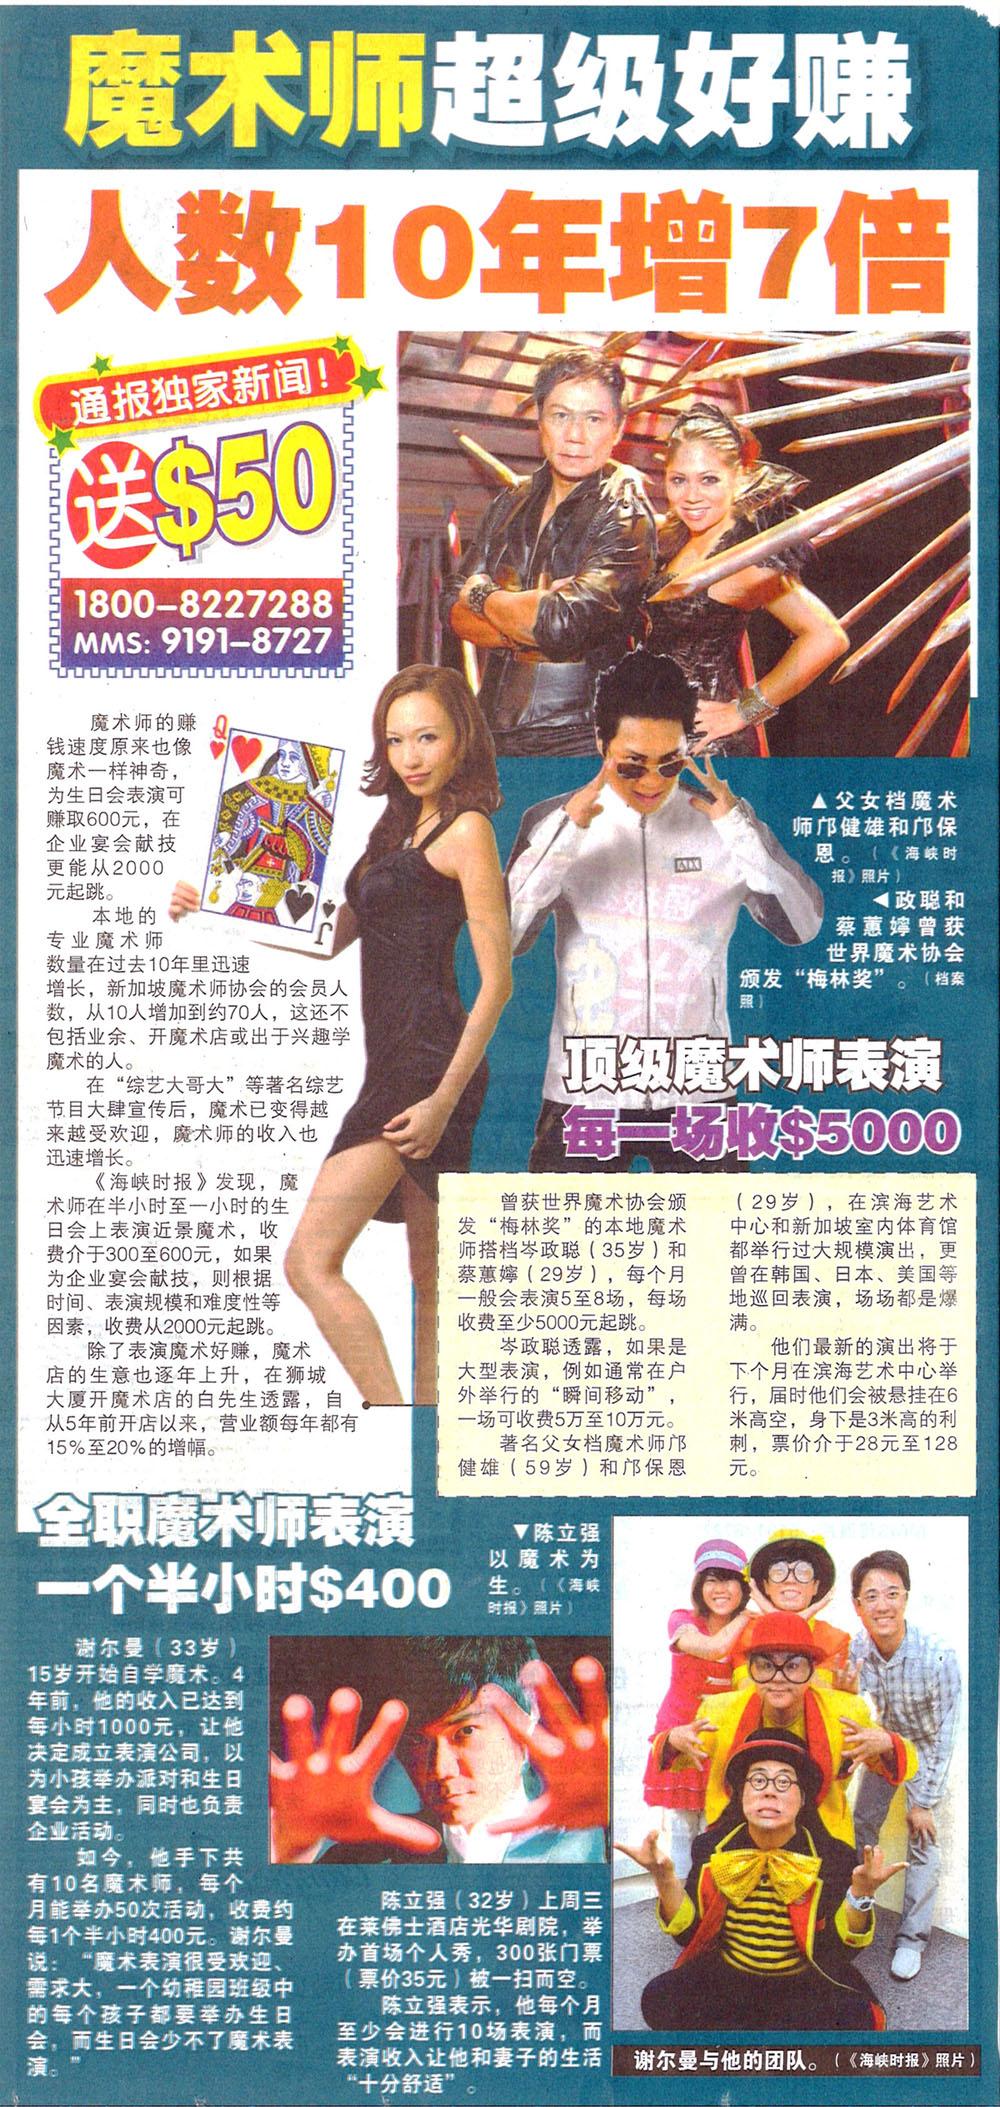 shin min daily news pdf